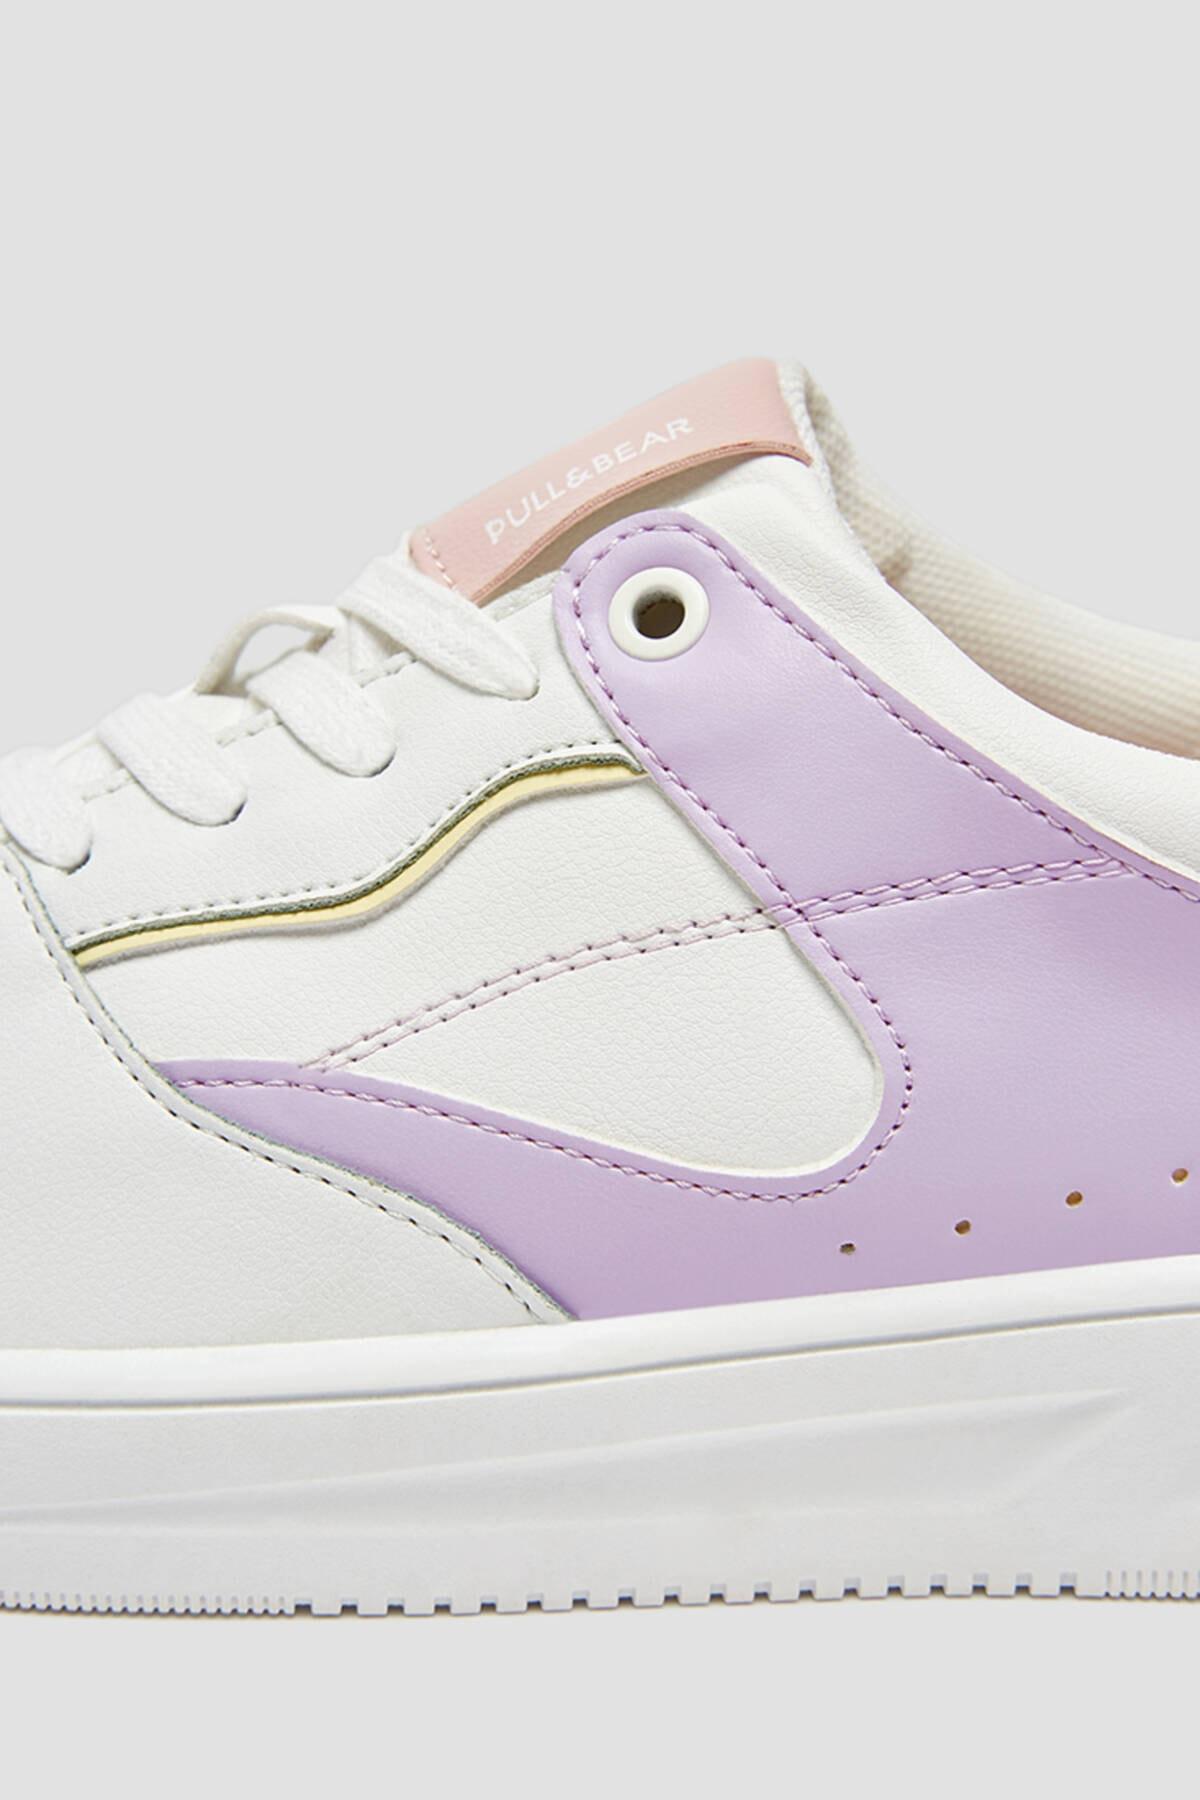 Pull & Bear Kadın Çok Renkli Spor Ayakkabı 11322640 4